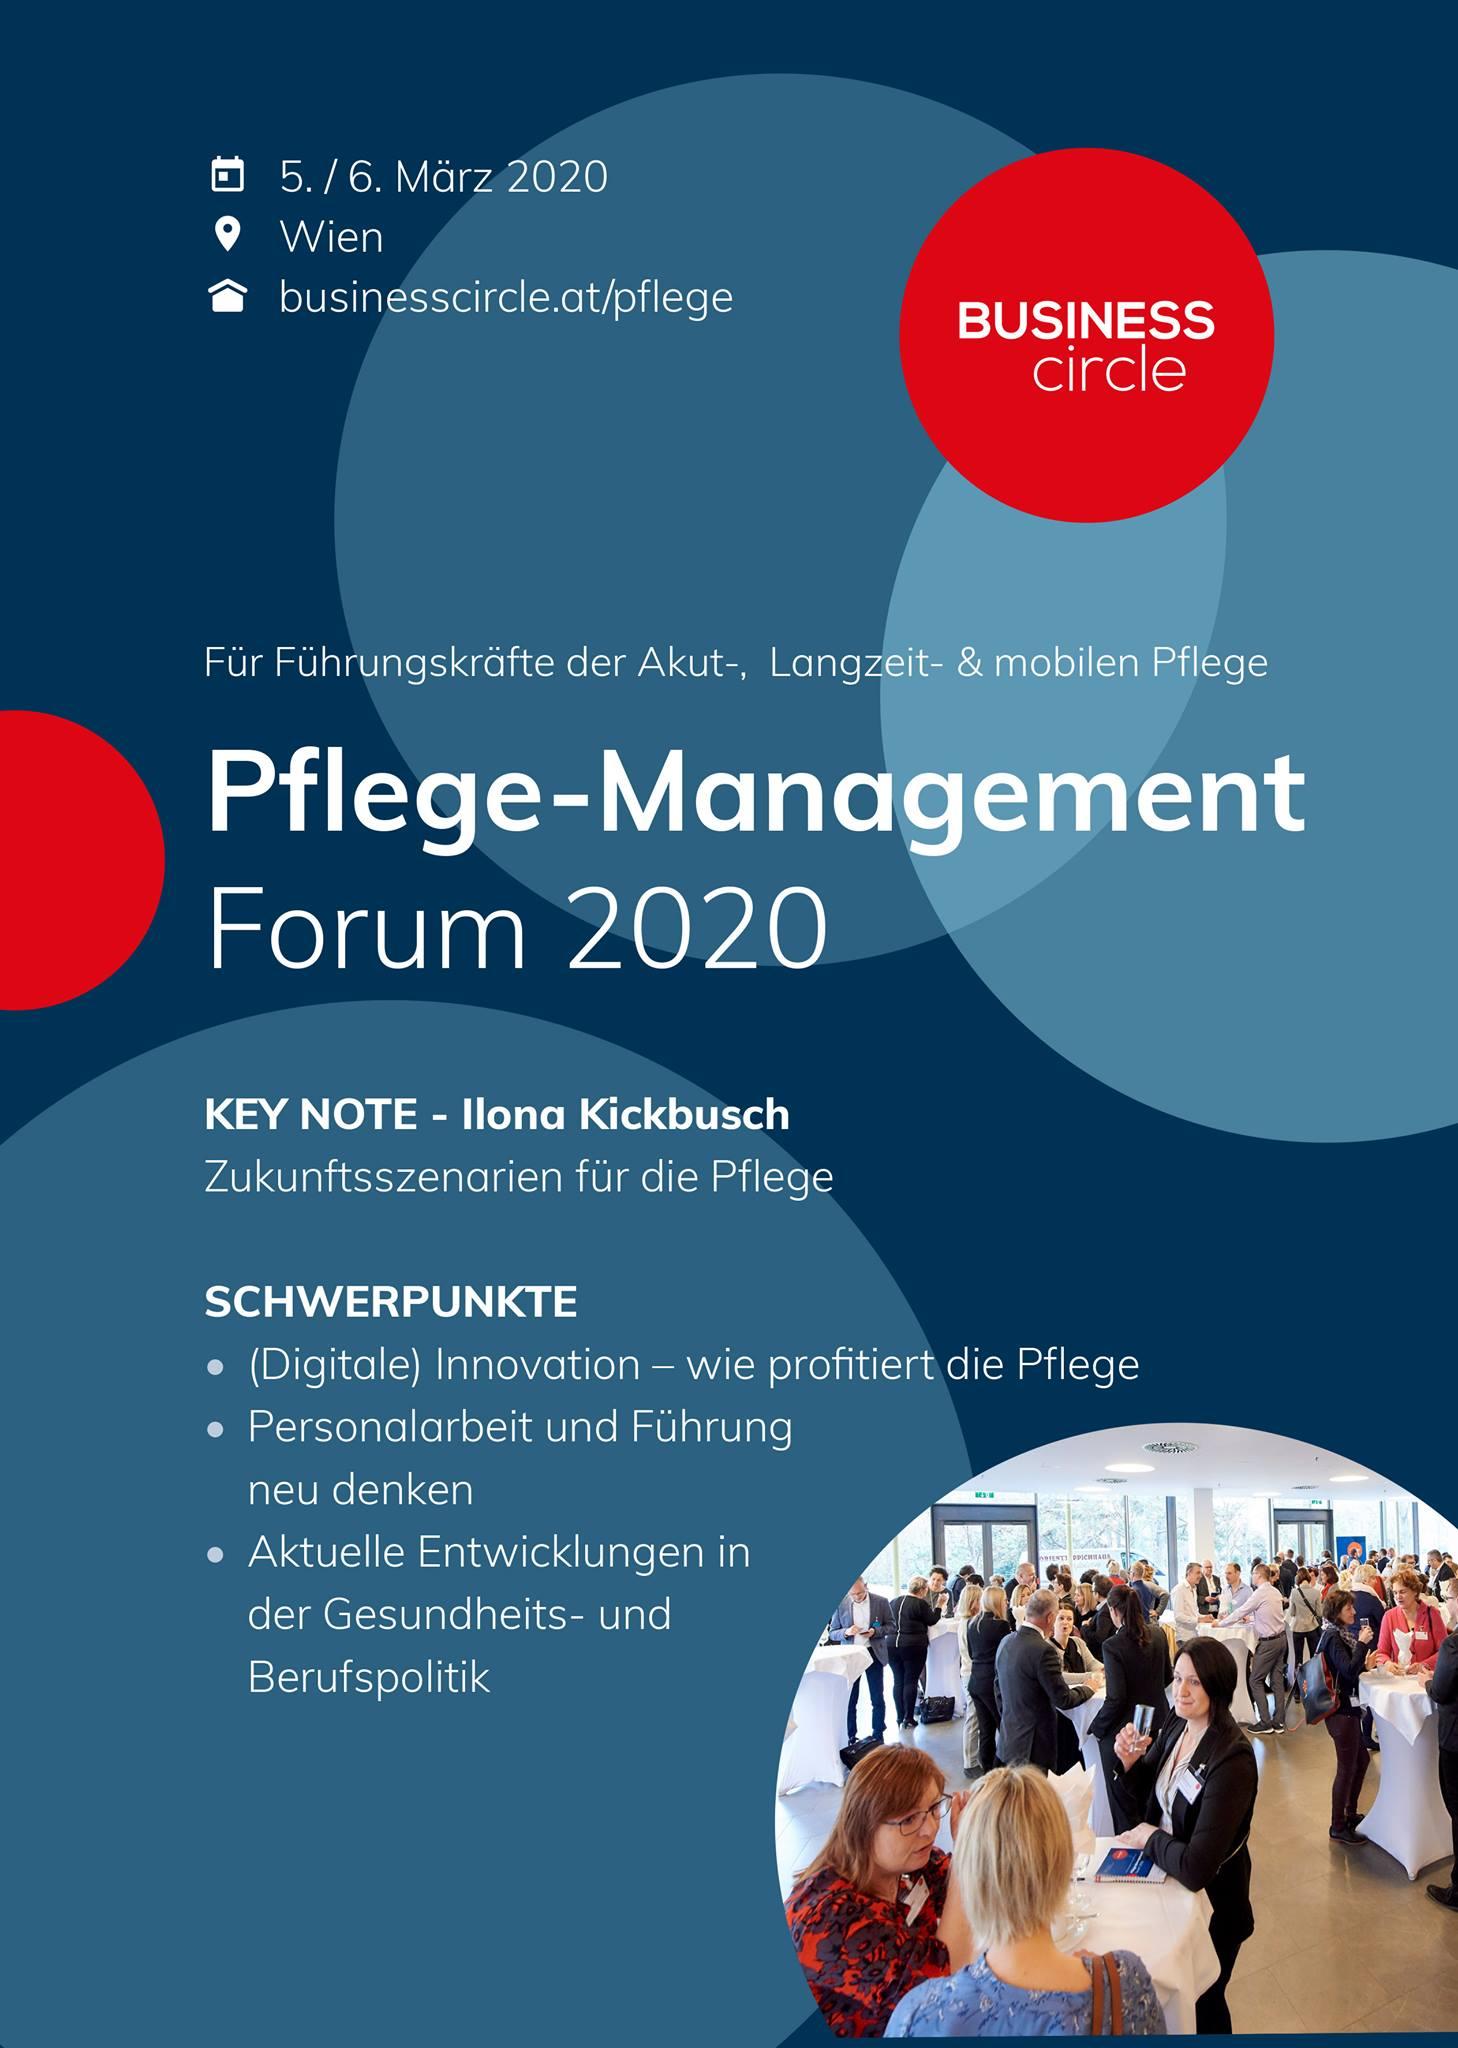 Pflegemanagement-Forum-2020_Wien